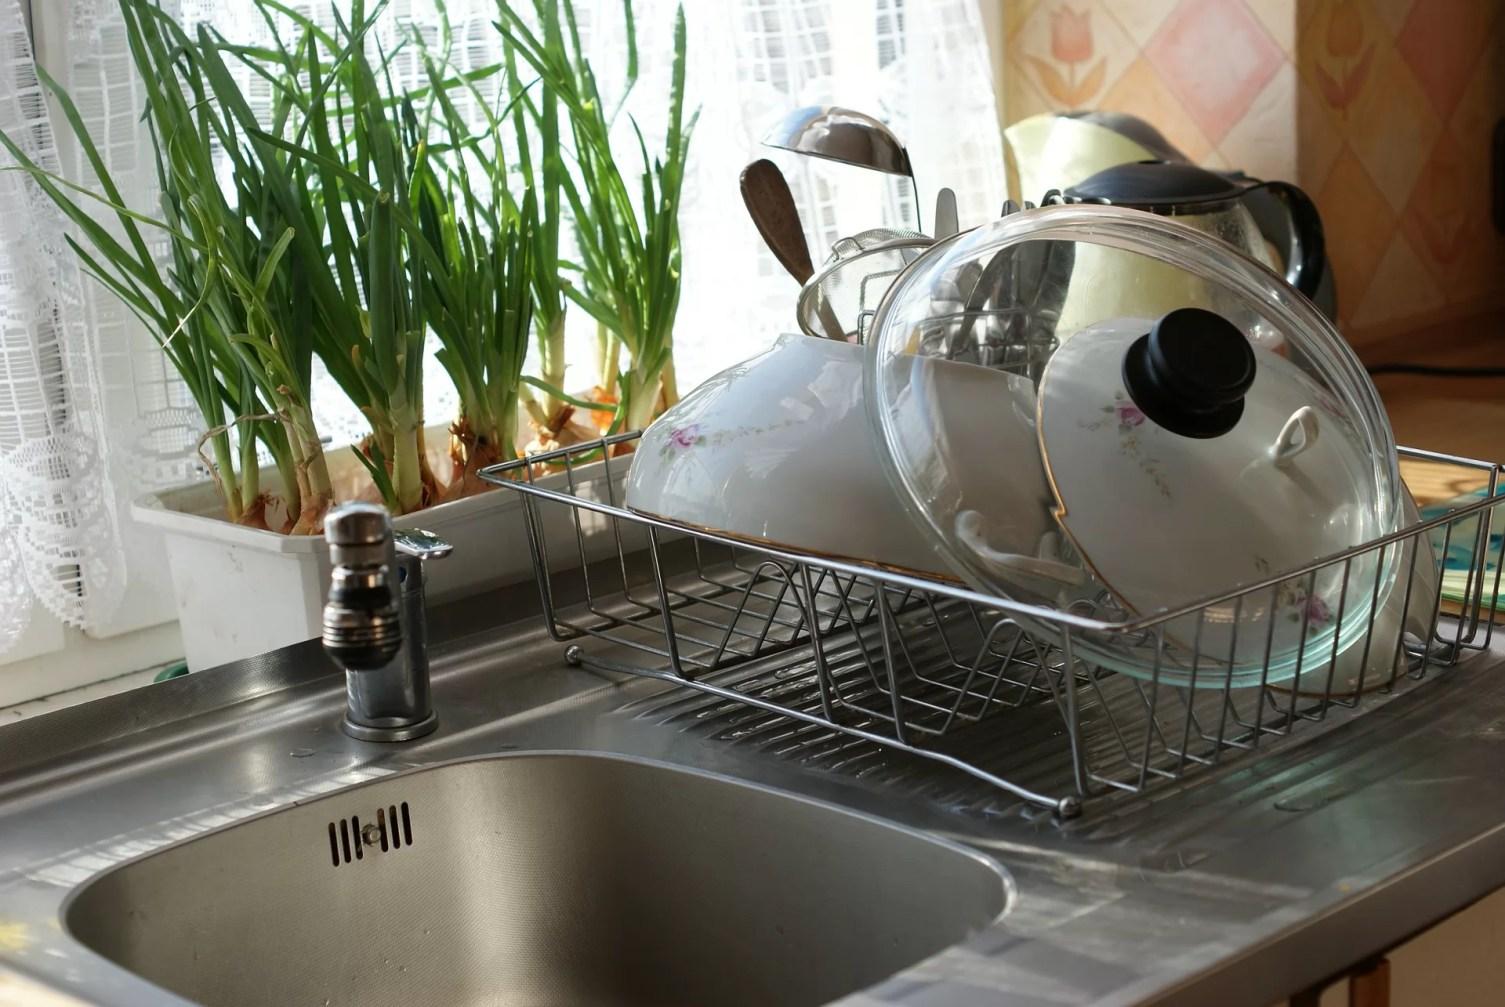 kitchen-322719_1920.jpg